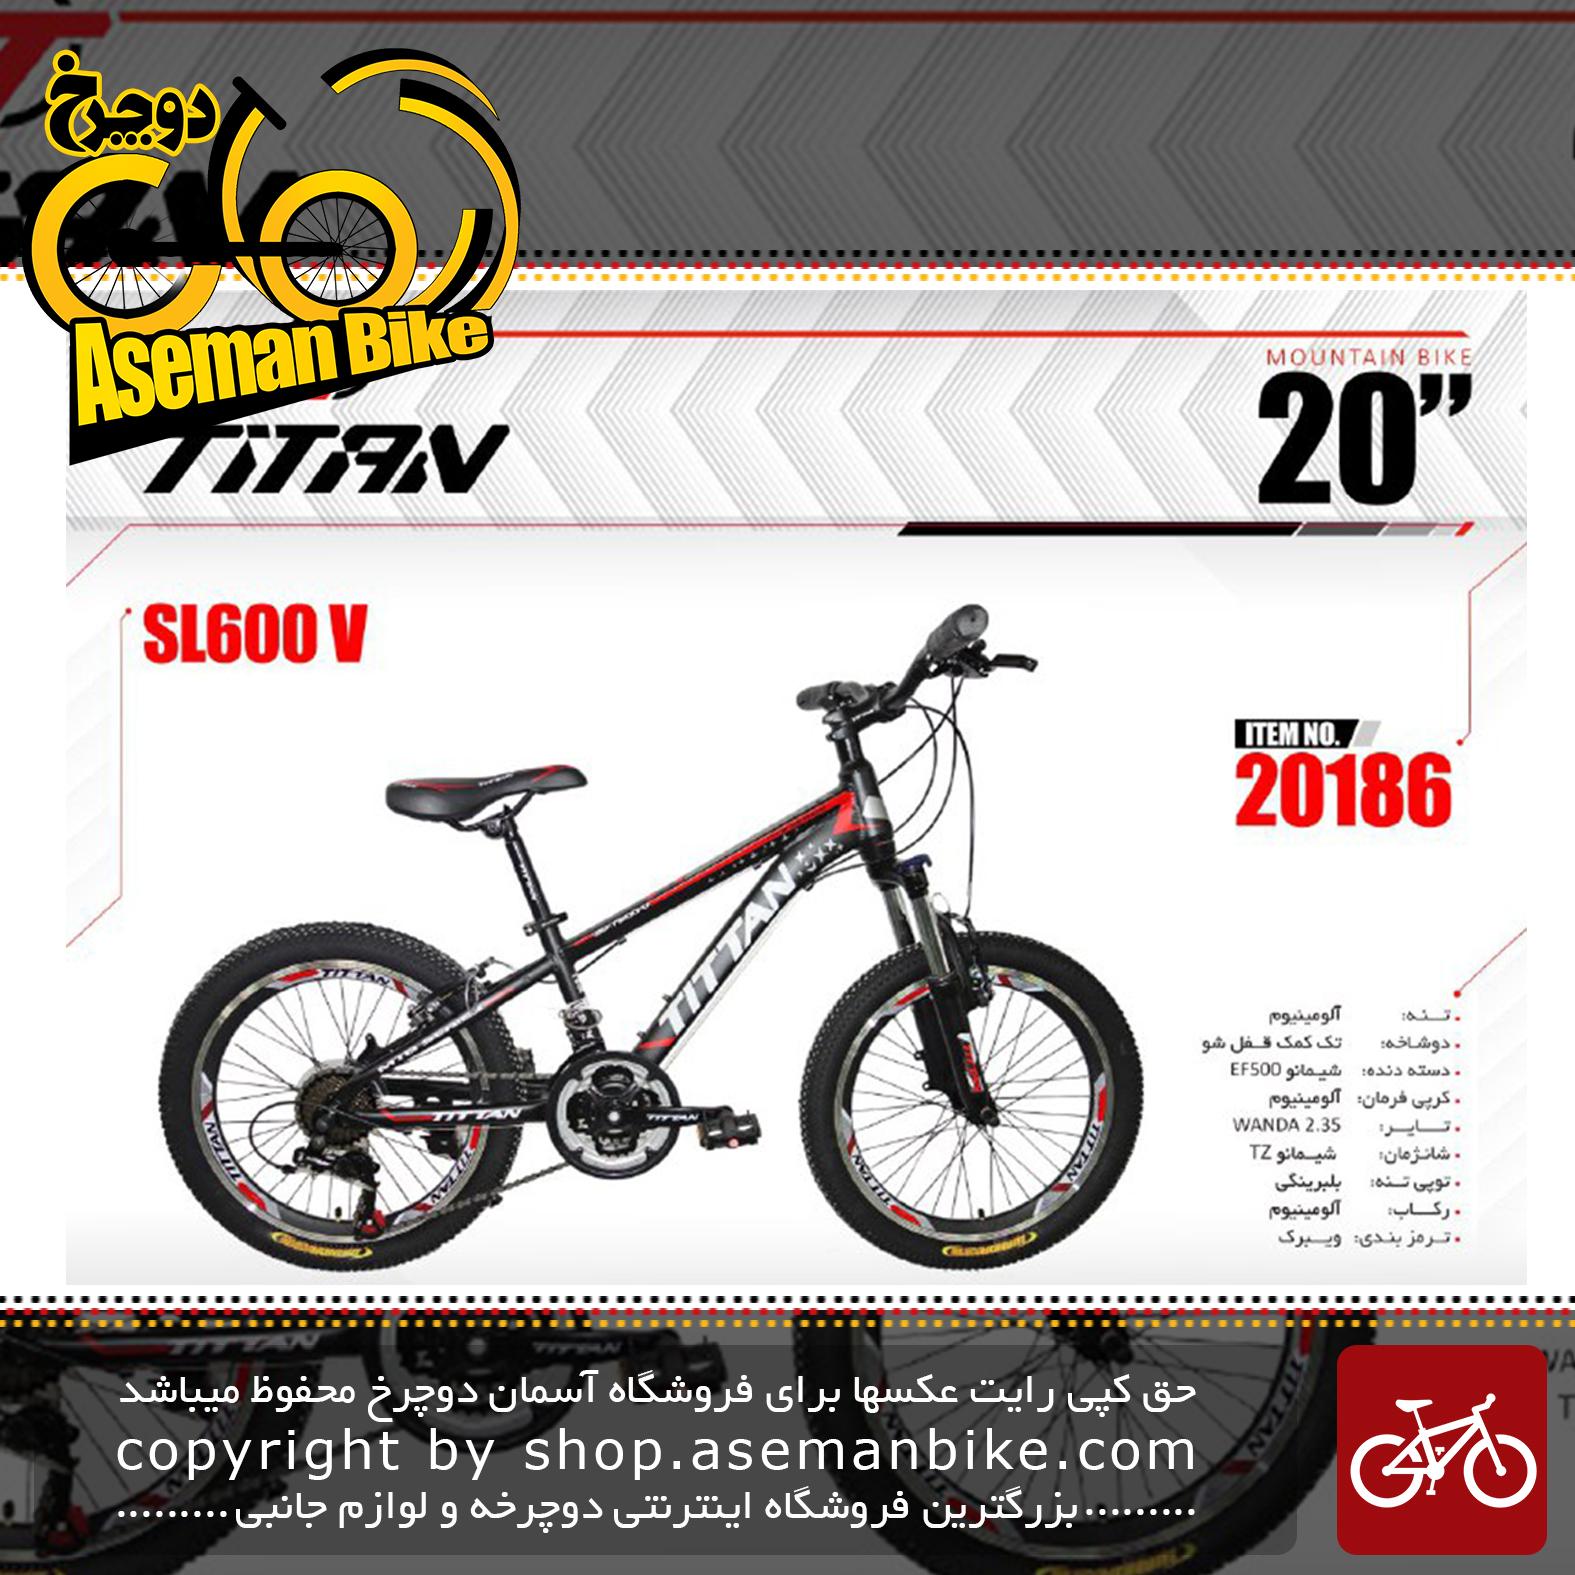 دوچرخه کوهستان تایتان سایز 20ویبرک مدل اس ال 600ویTITAN SIZE 20 SL 600V